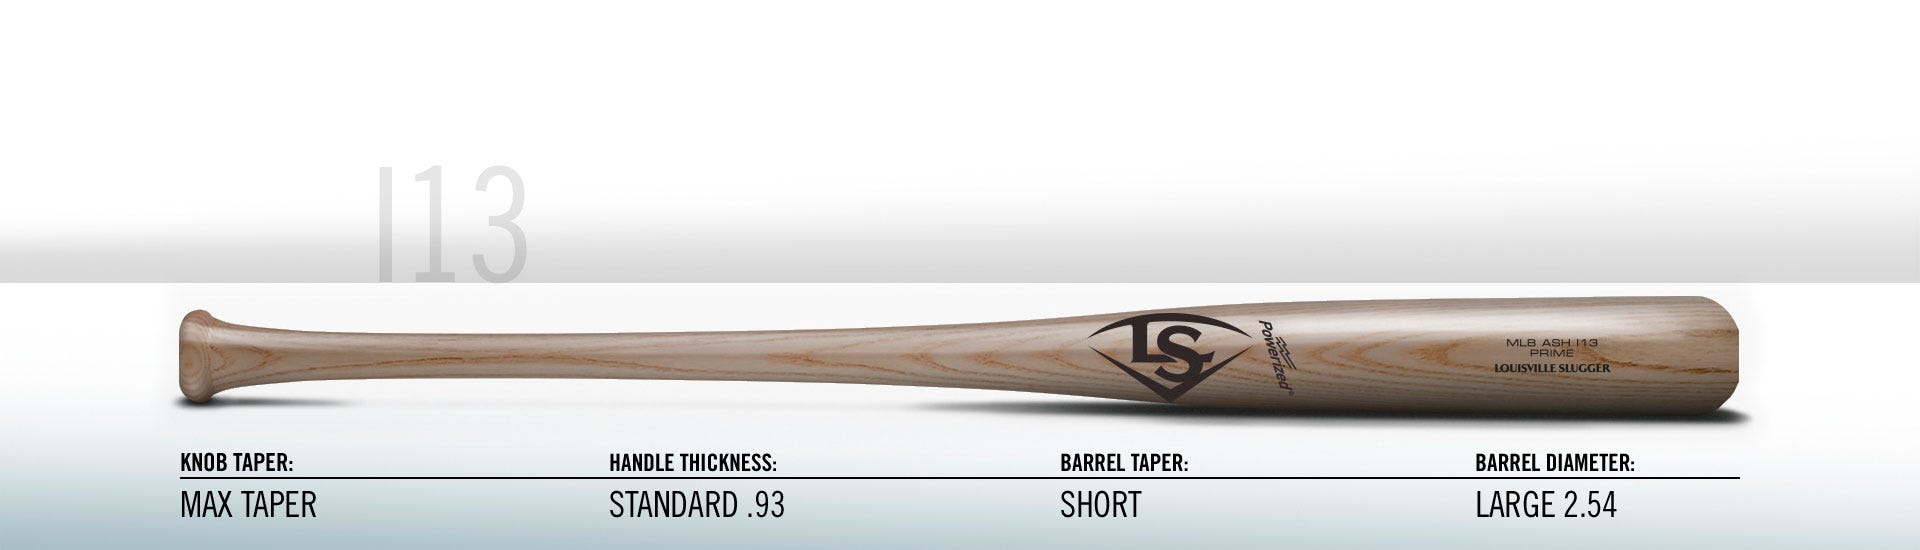 Baseball Bat Guide How To Choose A Baseball Bat Louisville Slugger